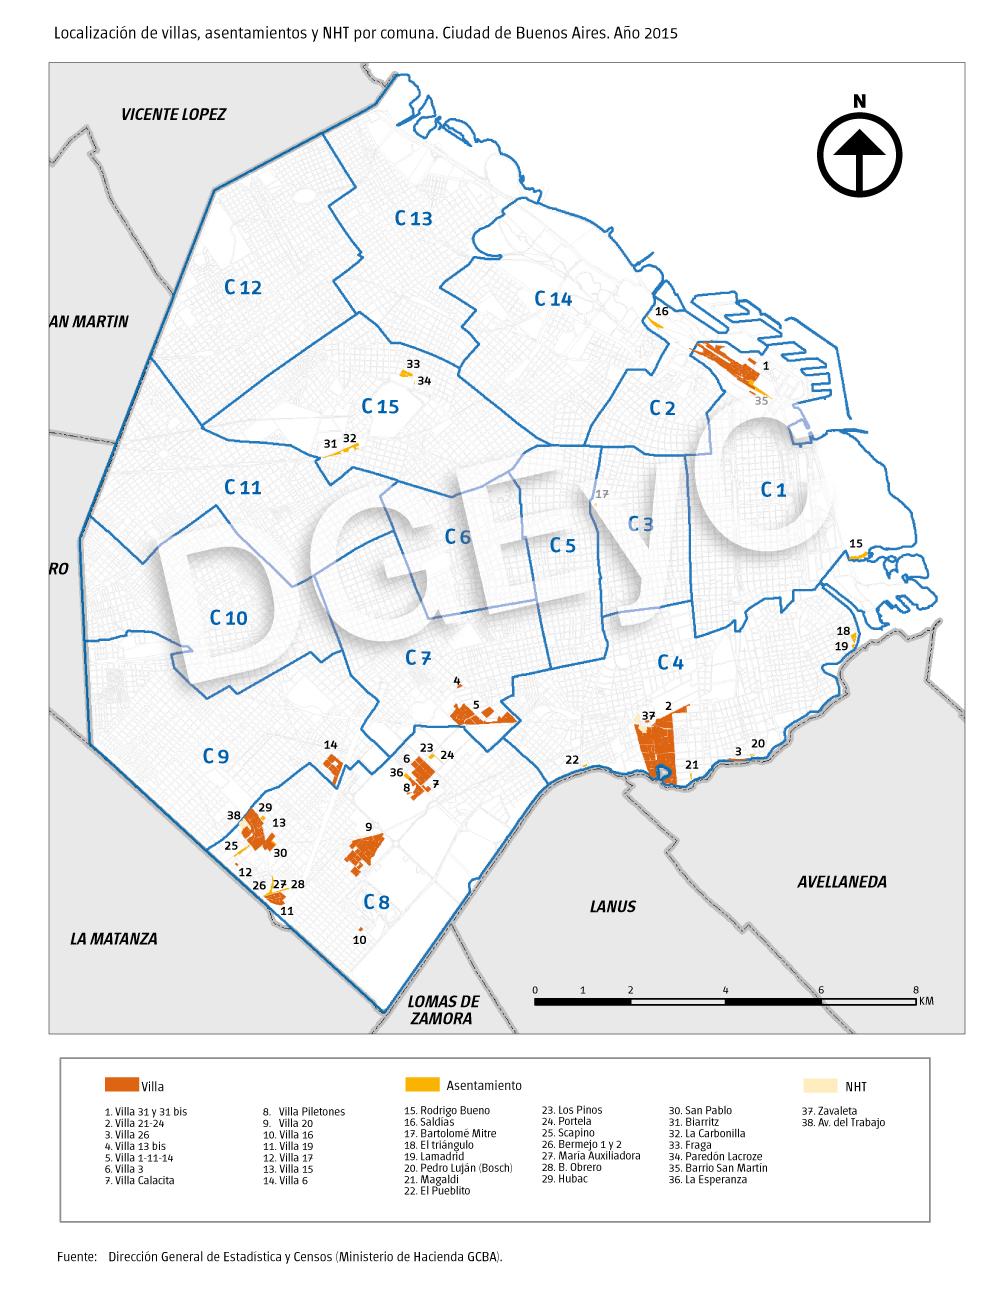 villas_y_asentamientos_comunas_2015.jpg